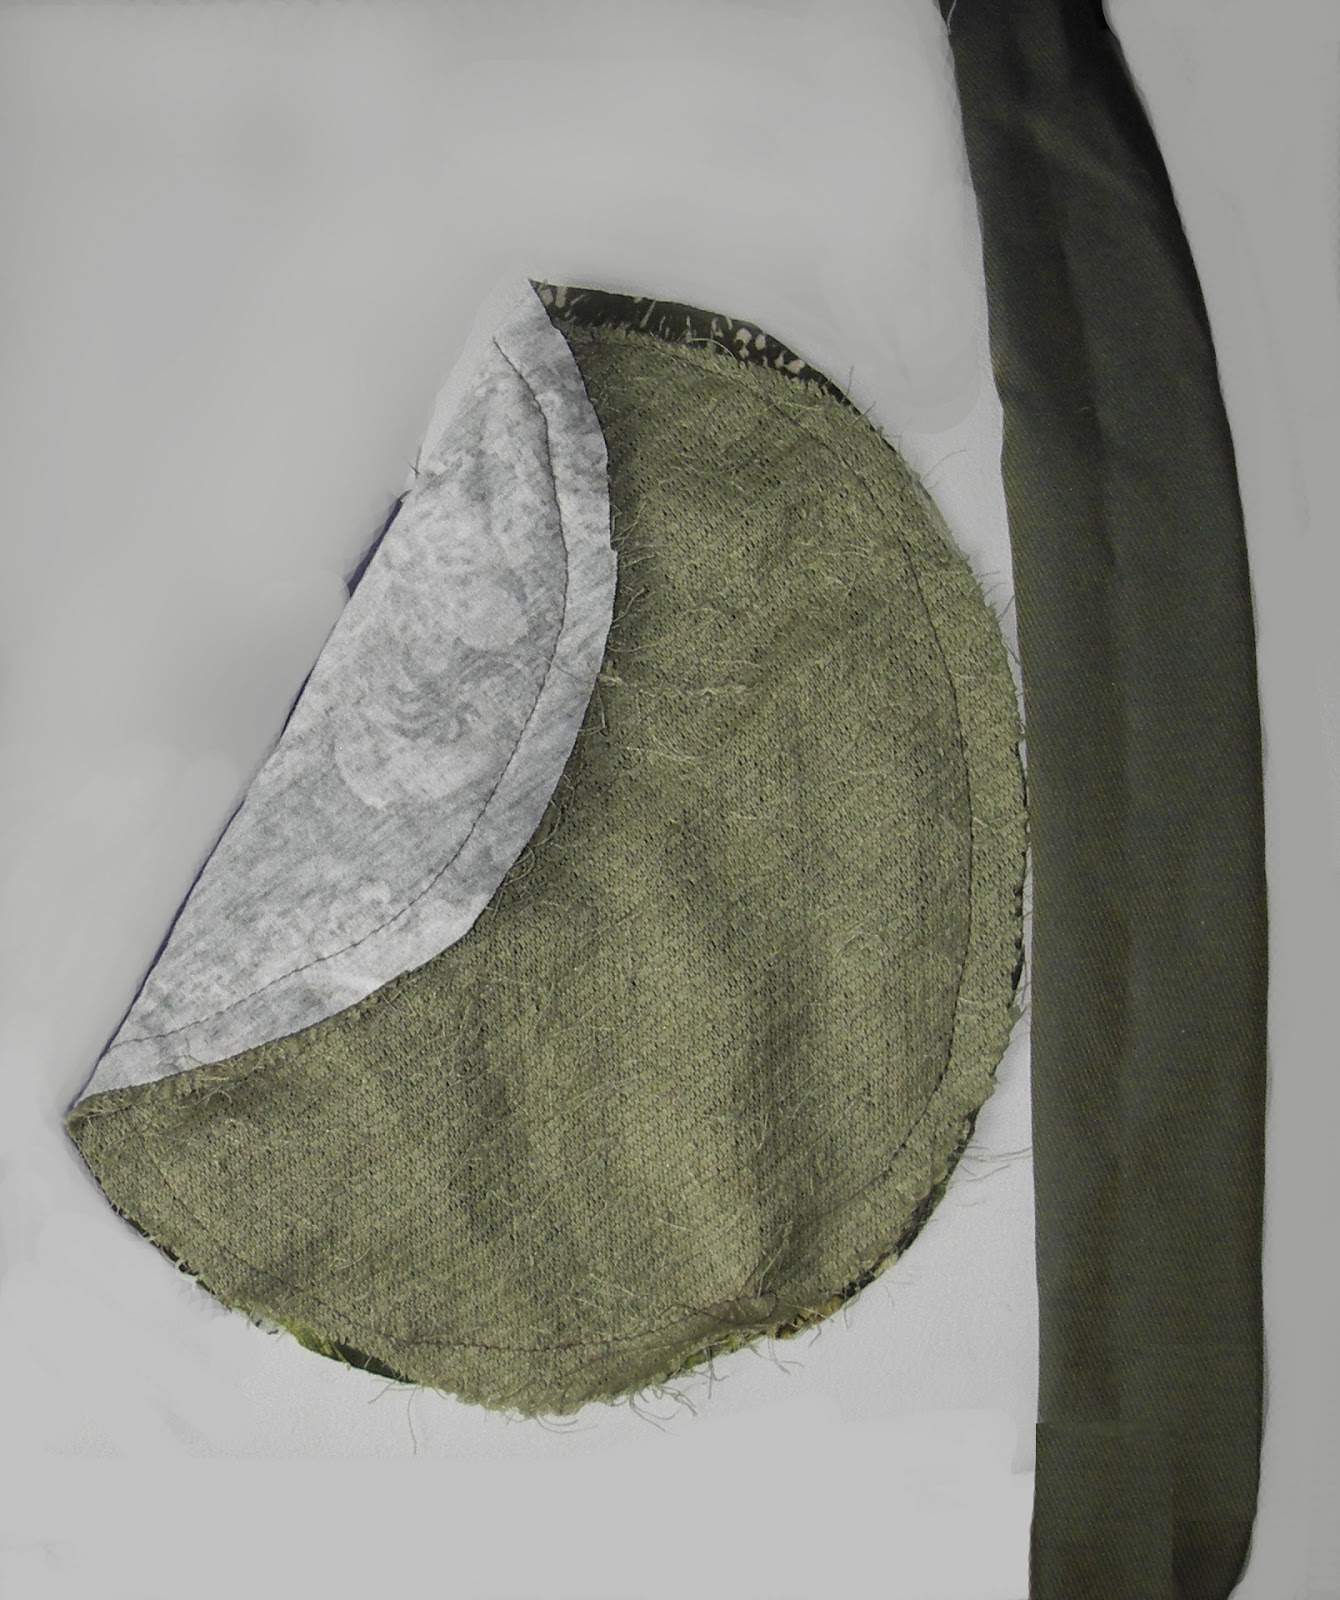 schnittmuster und n hanleitungen zum selber n hen kleine runde schultertasche anleitung gratis. Black Bedroom Furniture Sets. Home Design Ideas